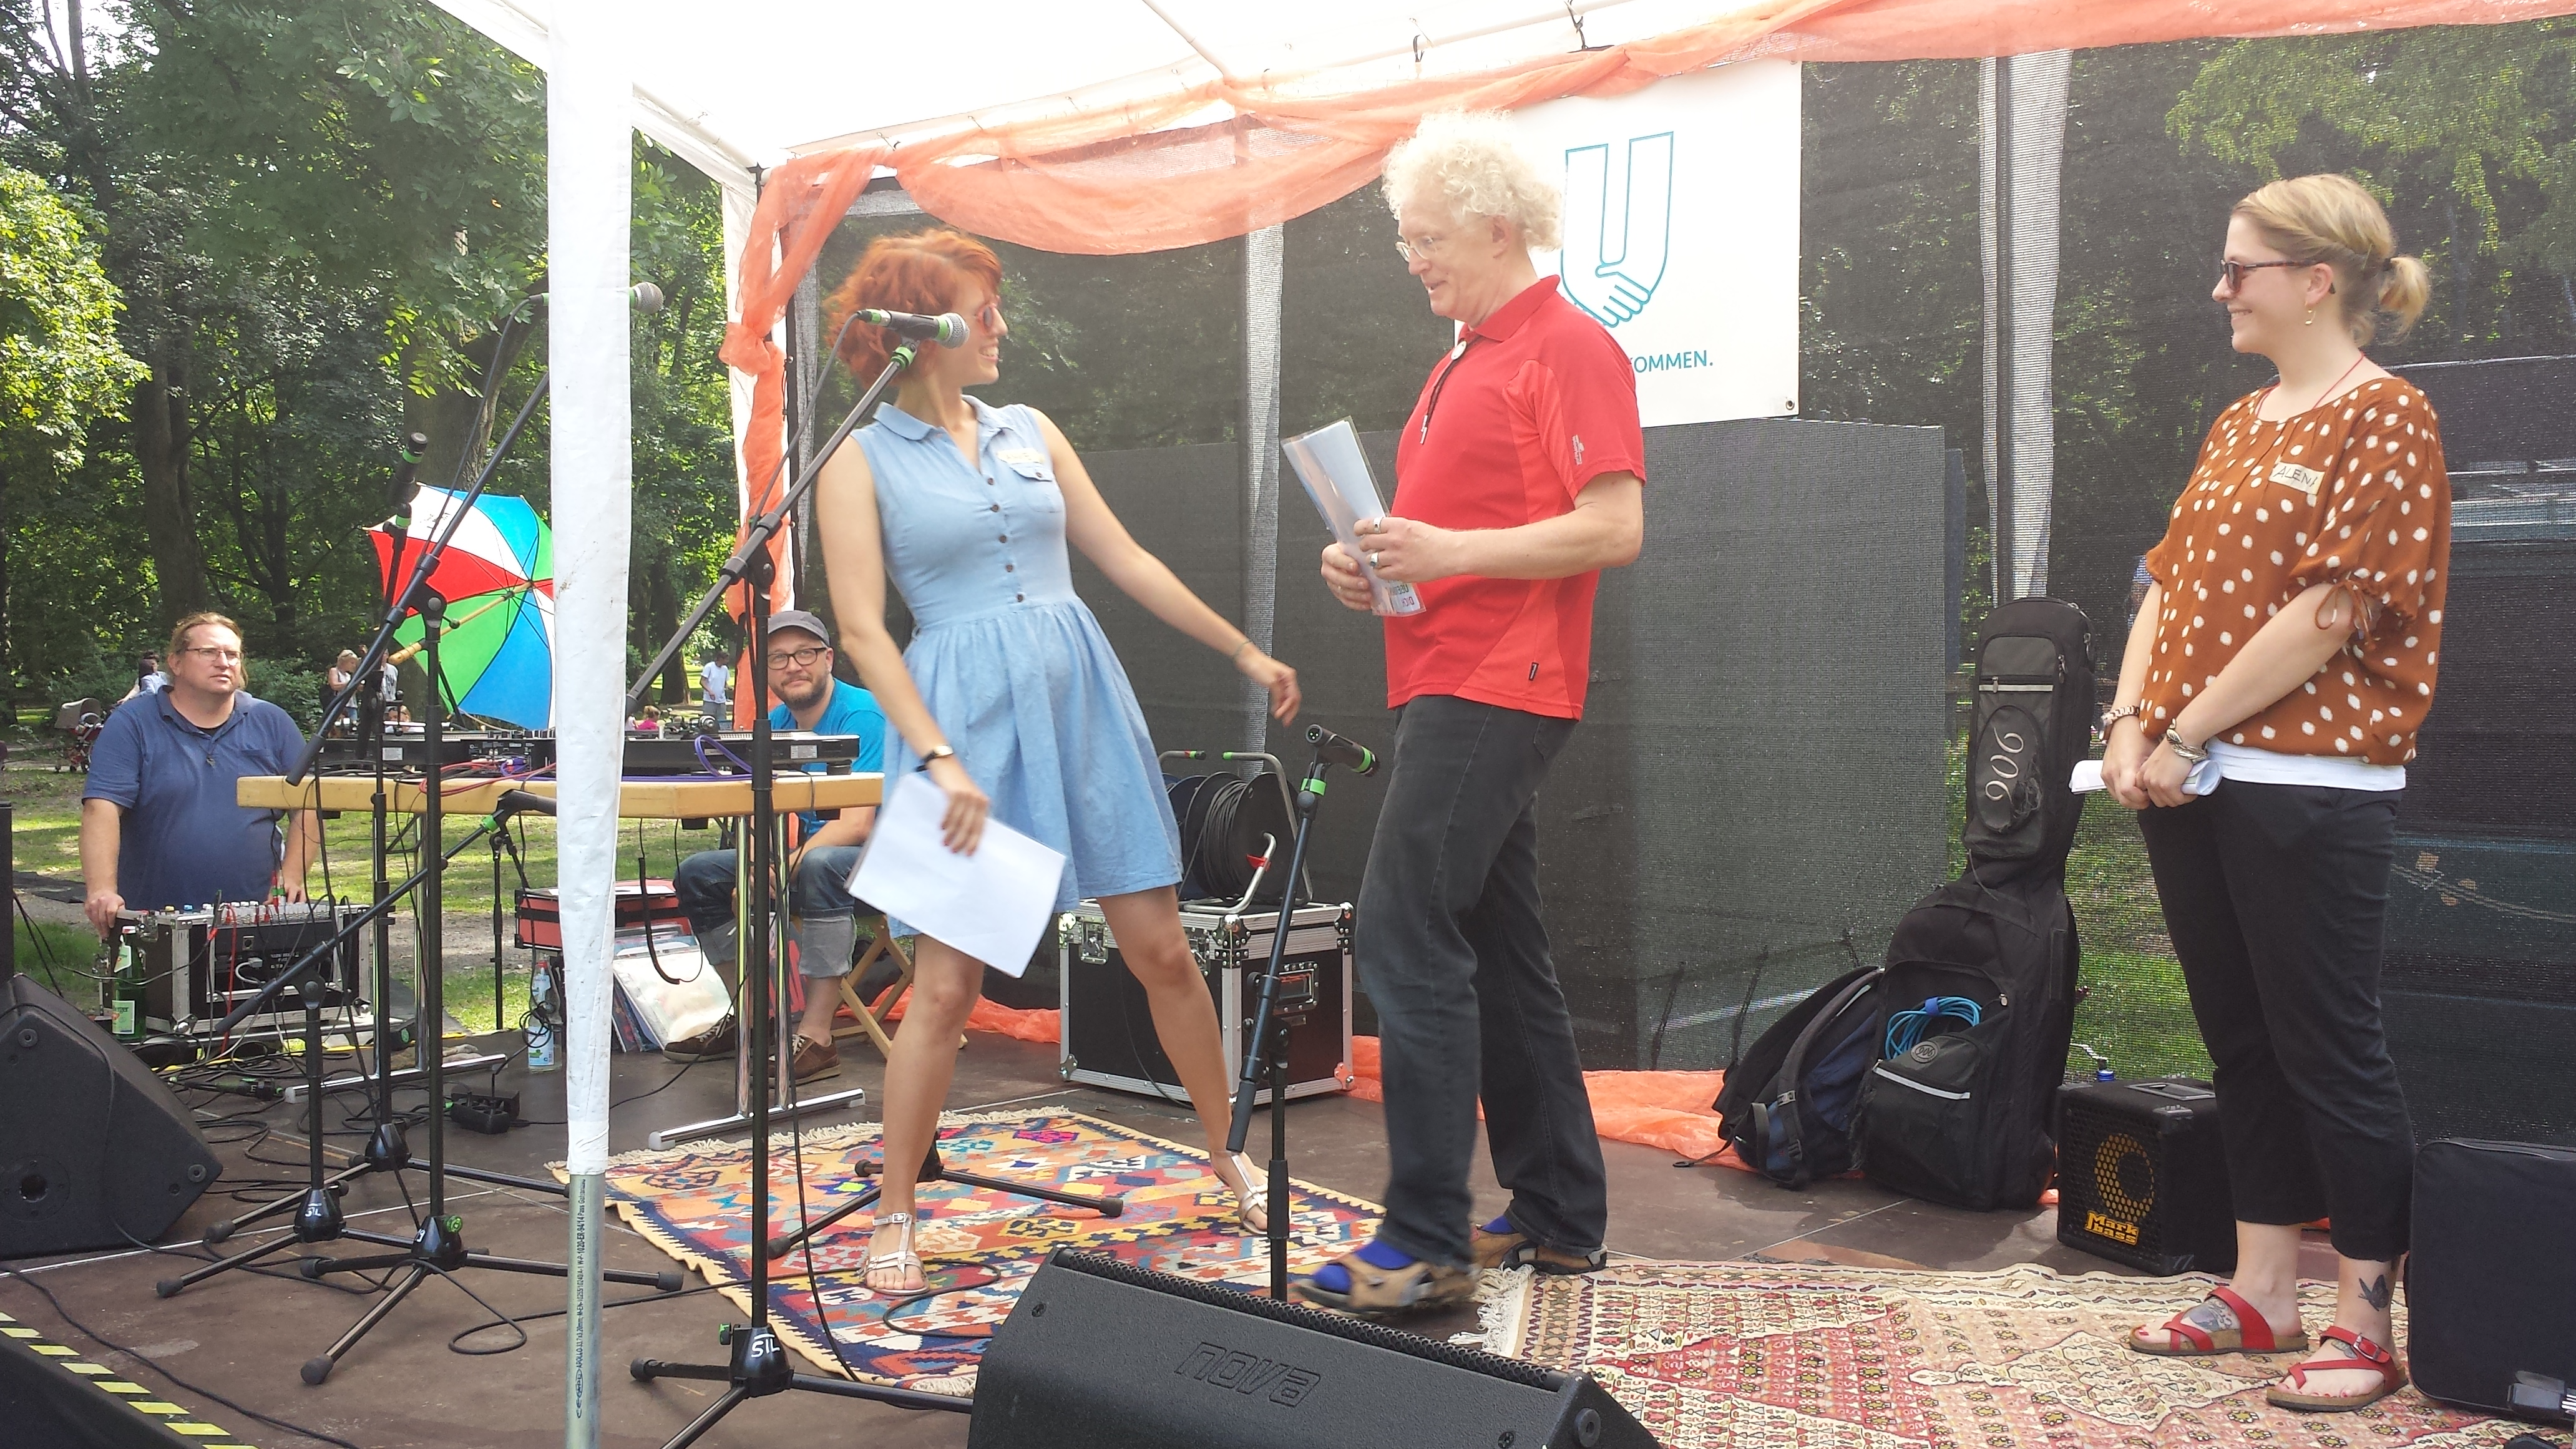 Bezirksbürgermeister Friedrich Fuß (Mitte) eröffnet das Fest; Foto: C.-D. Stille